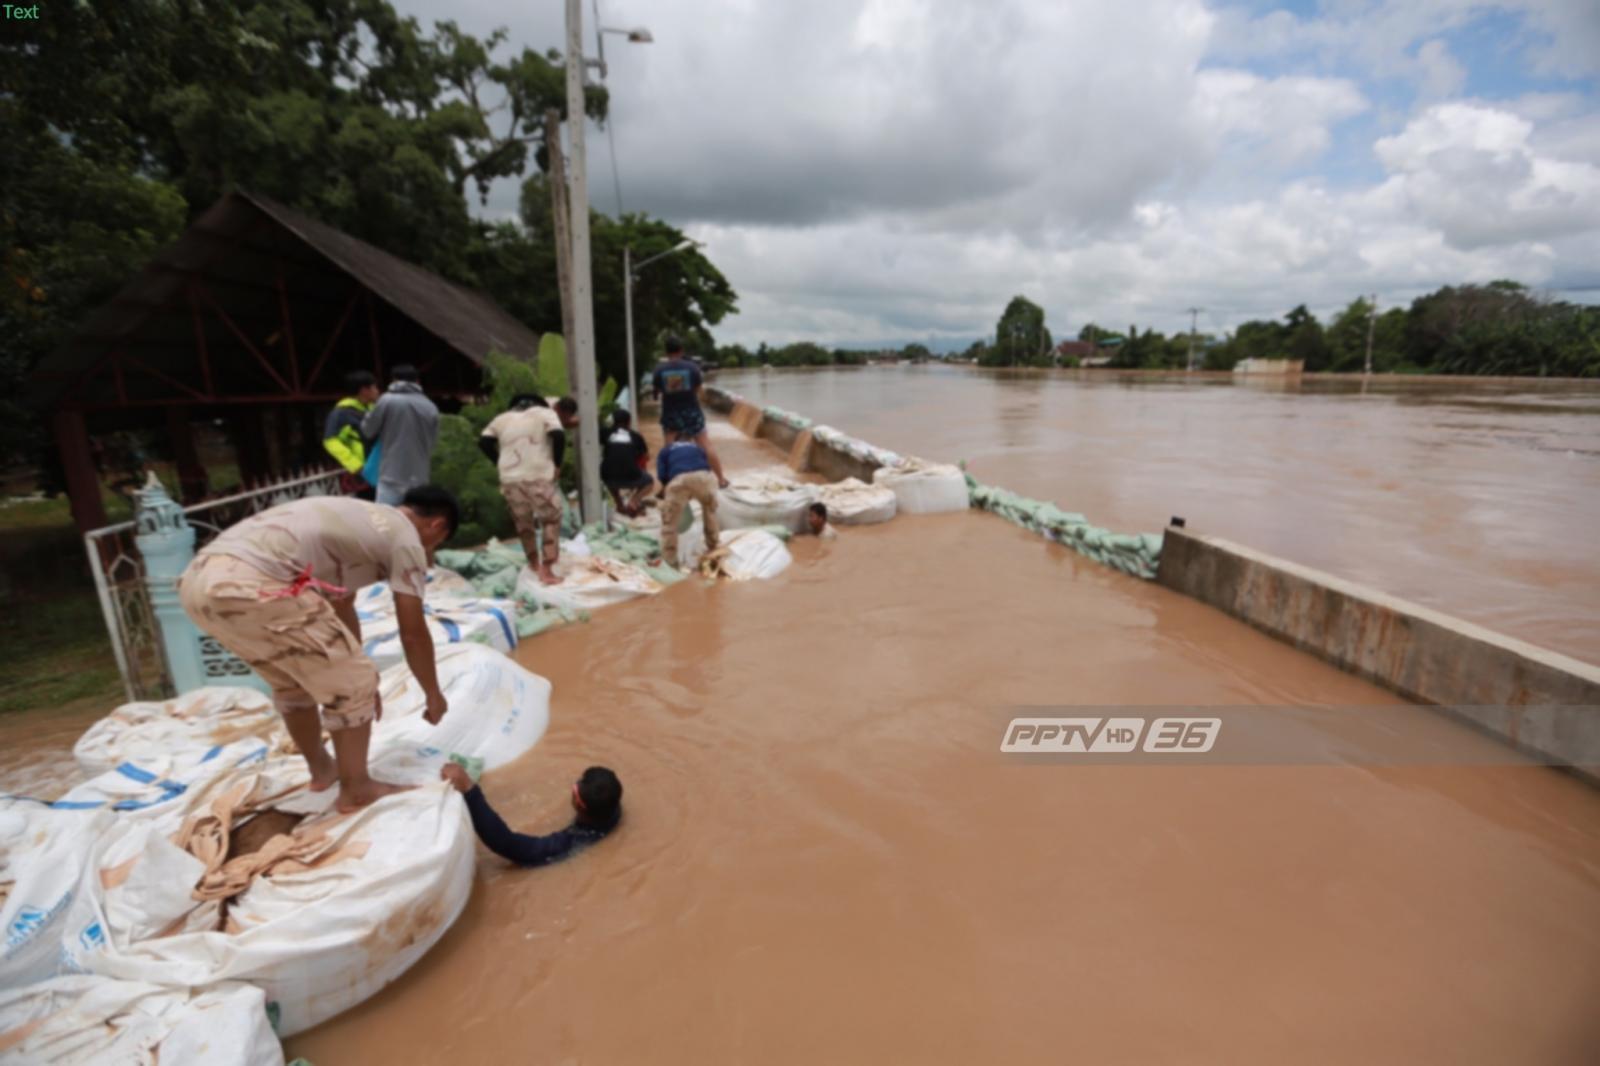 อุตุฯ เตือน8-11 มิ.ย.ทั่วทุกภาคฝนตกหนักเสี่ยงน้ำท่วม